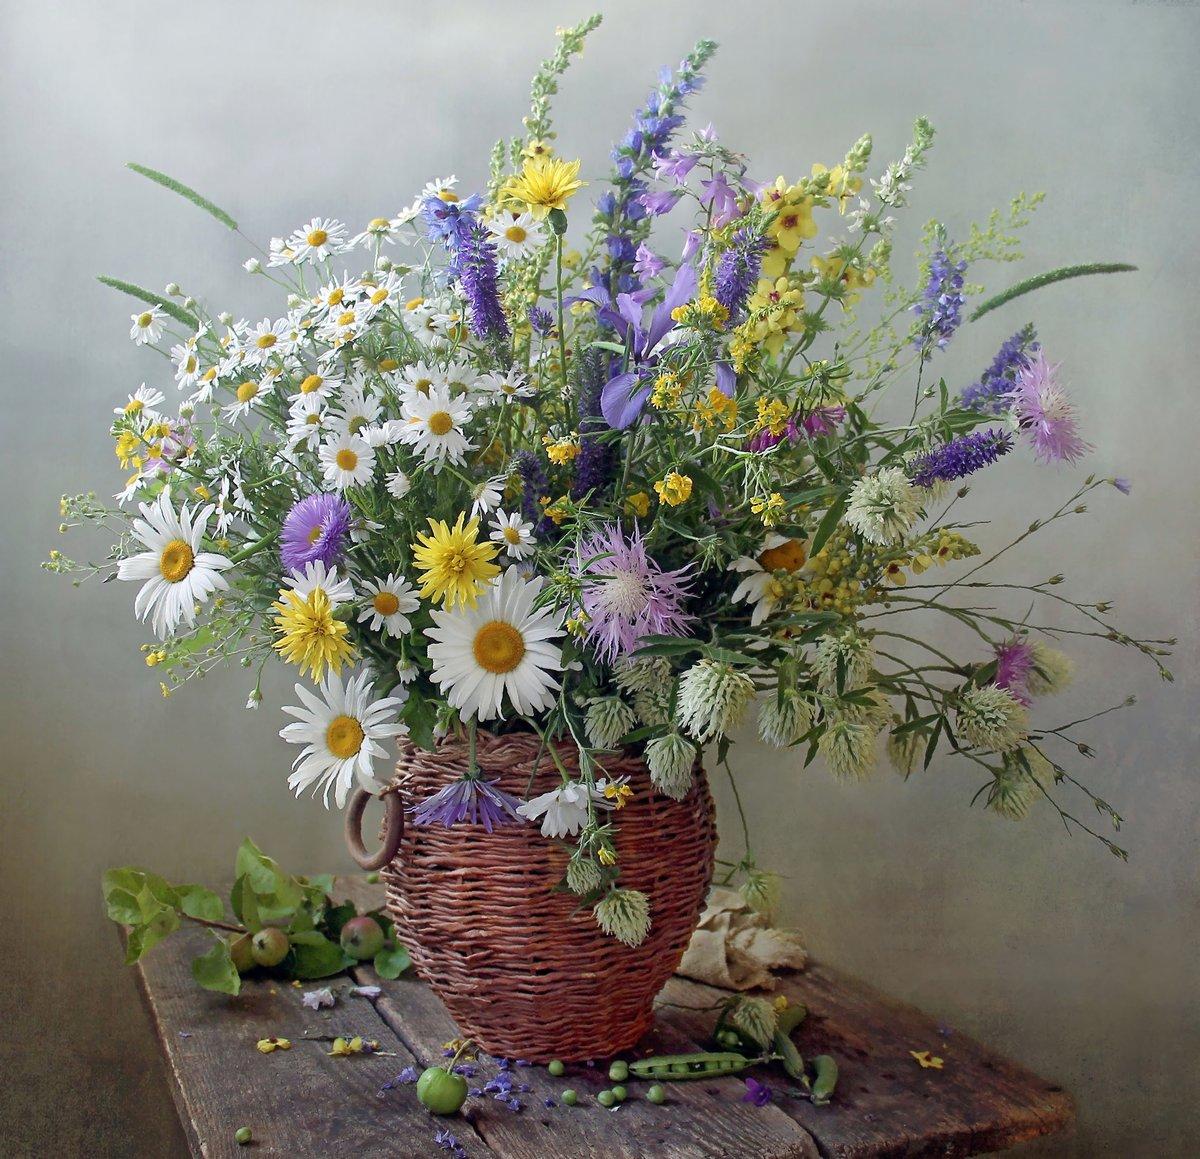 Онлайн открытку, открытки с полевыми цветами без надписей